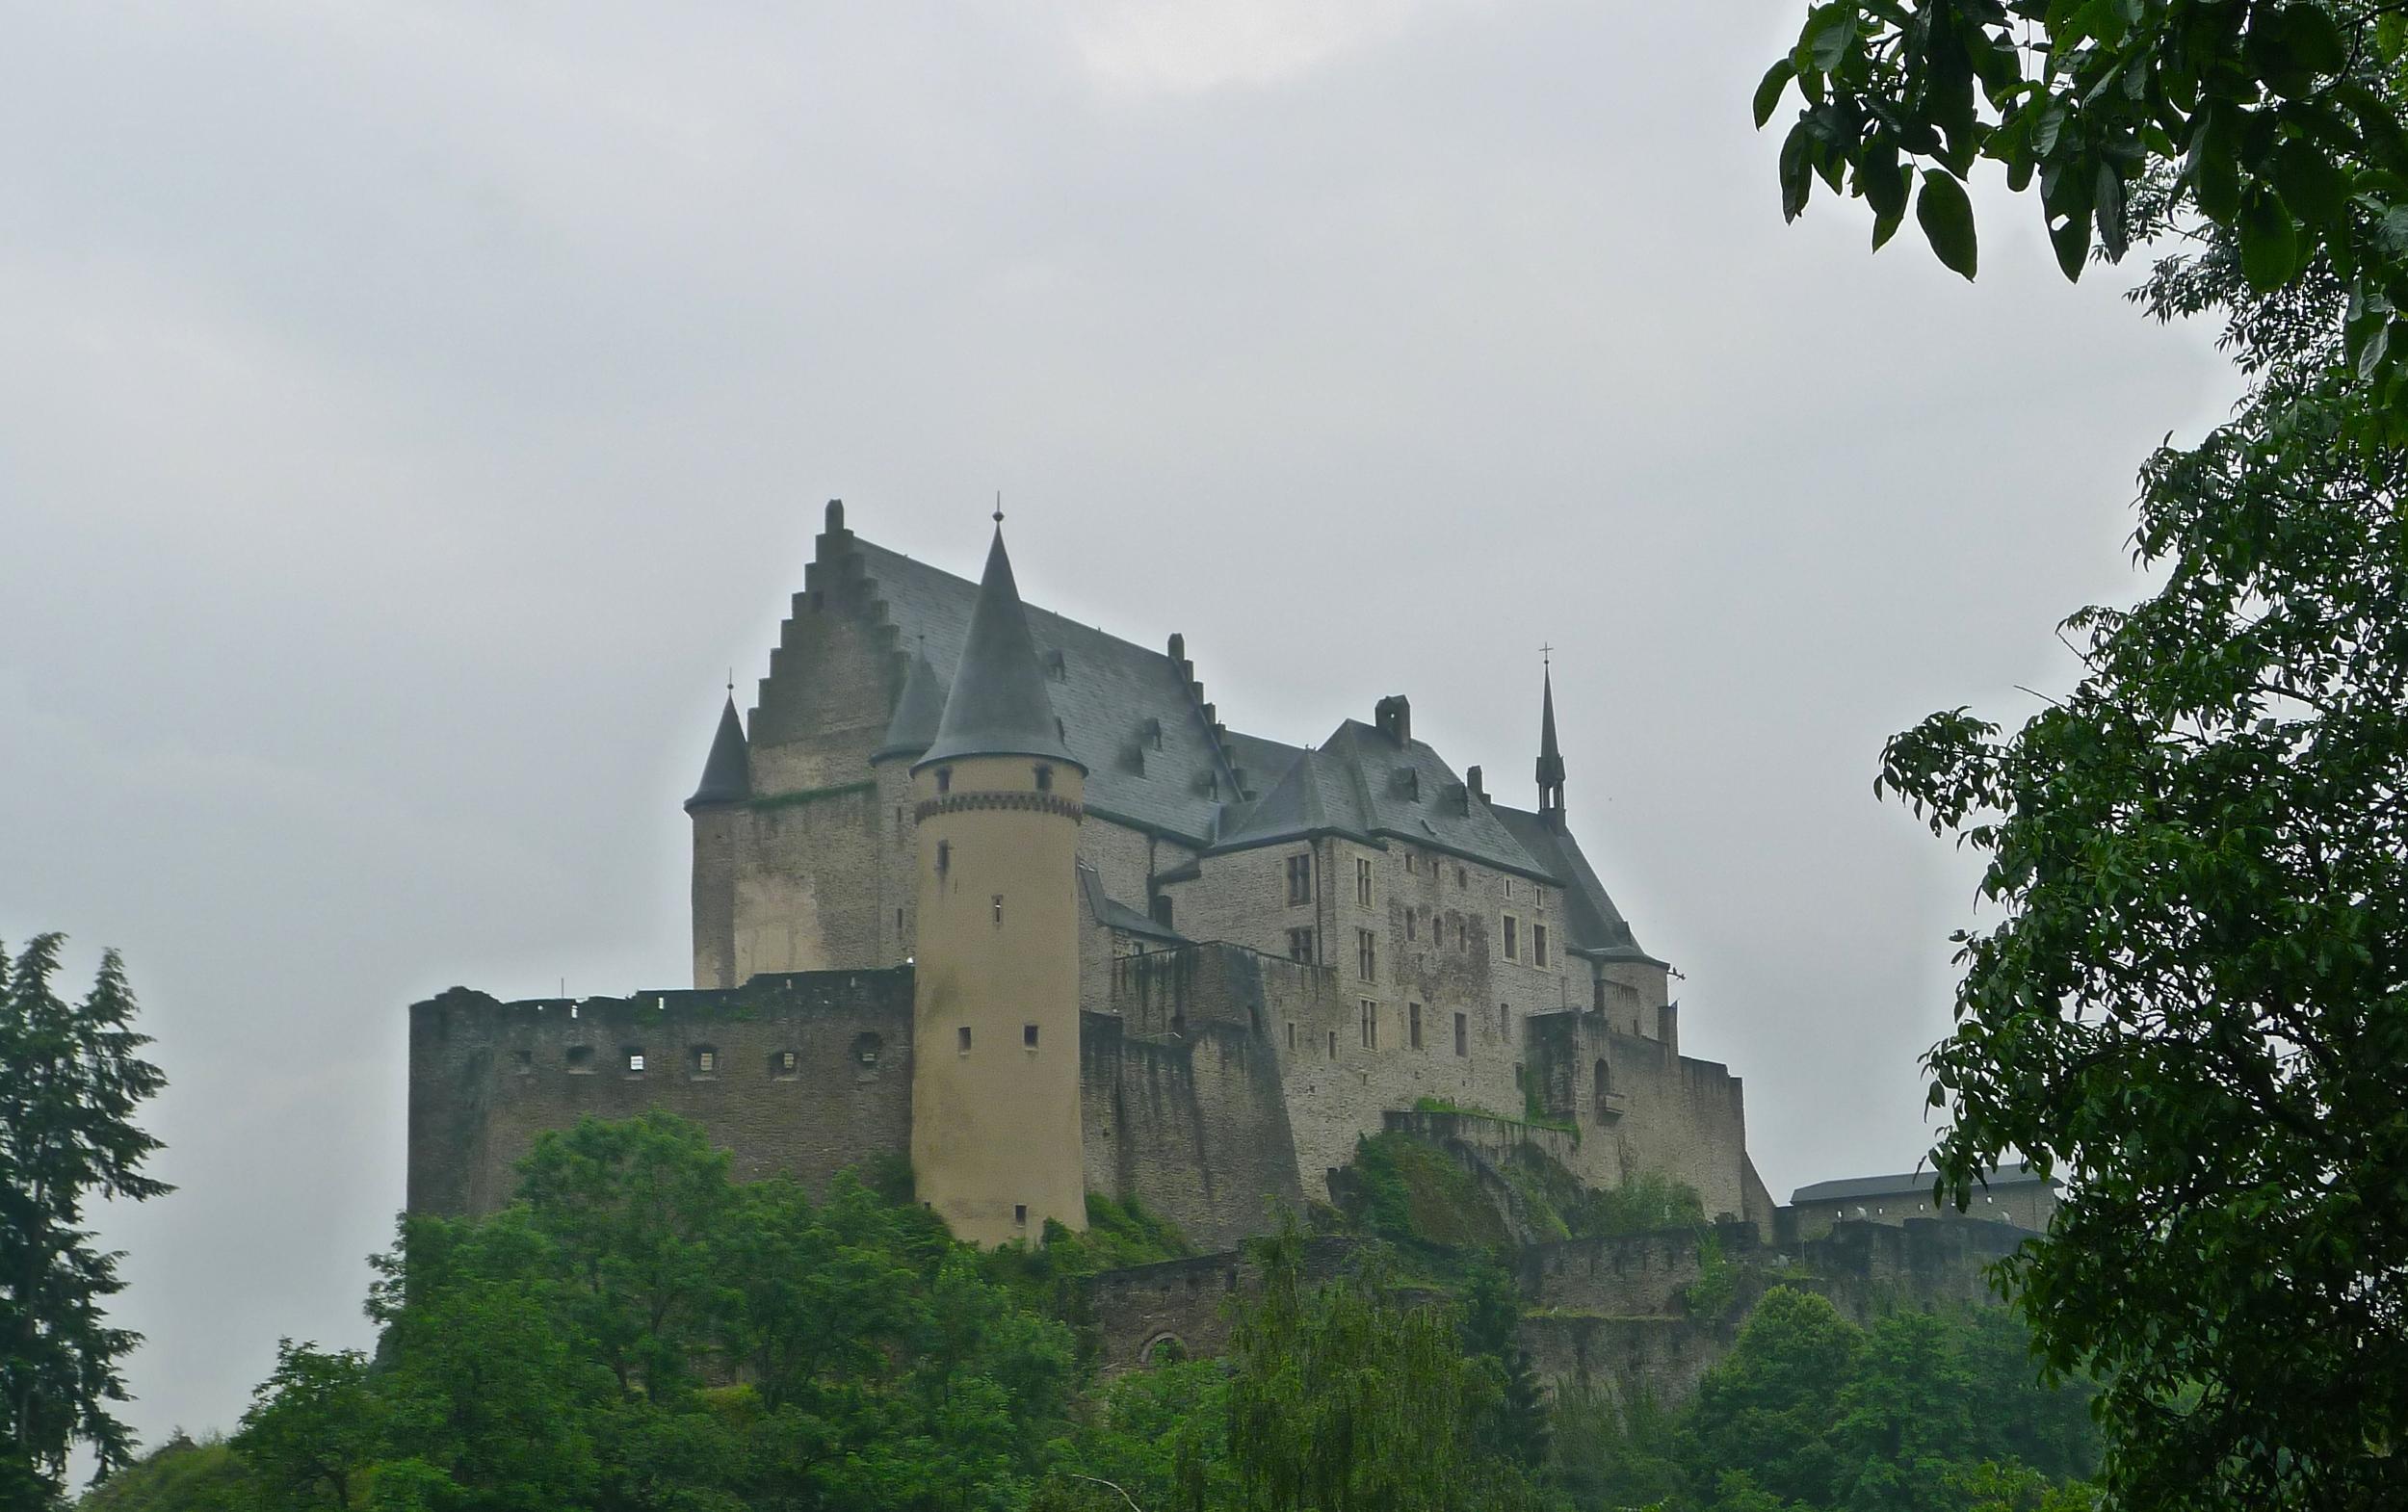 Chateau de Vianden, Luxembourg